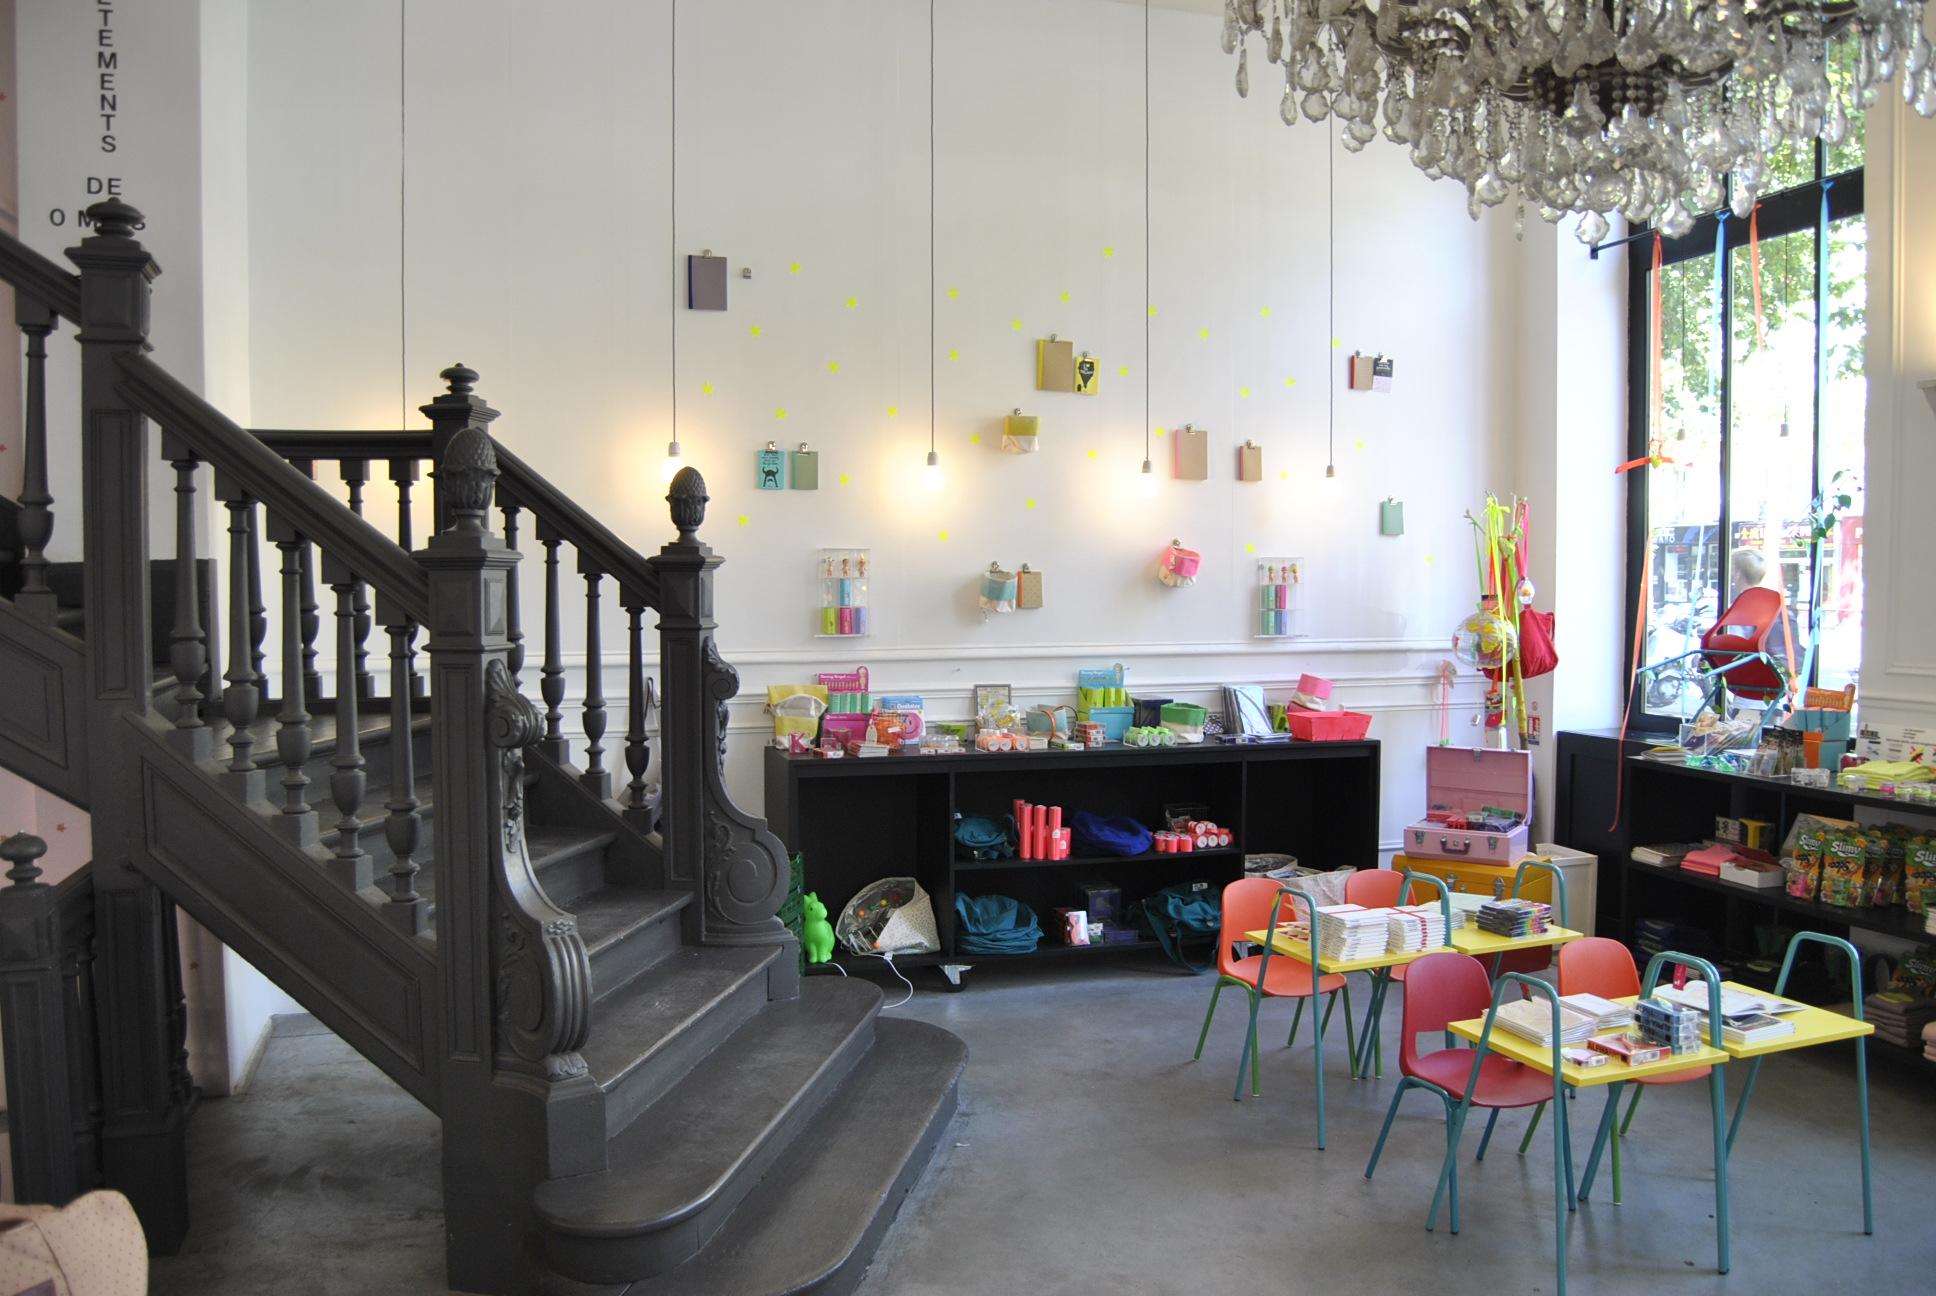 Kids Cafe London